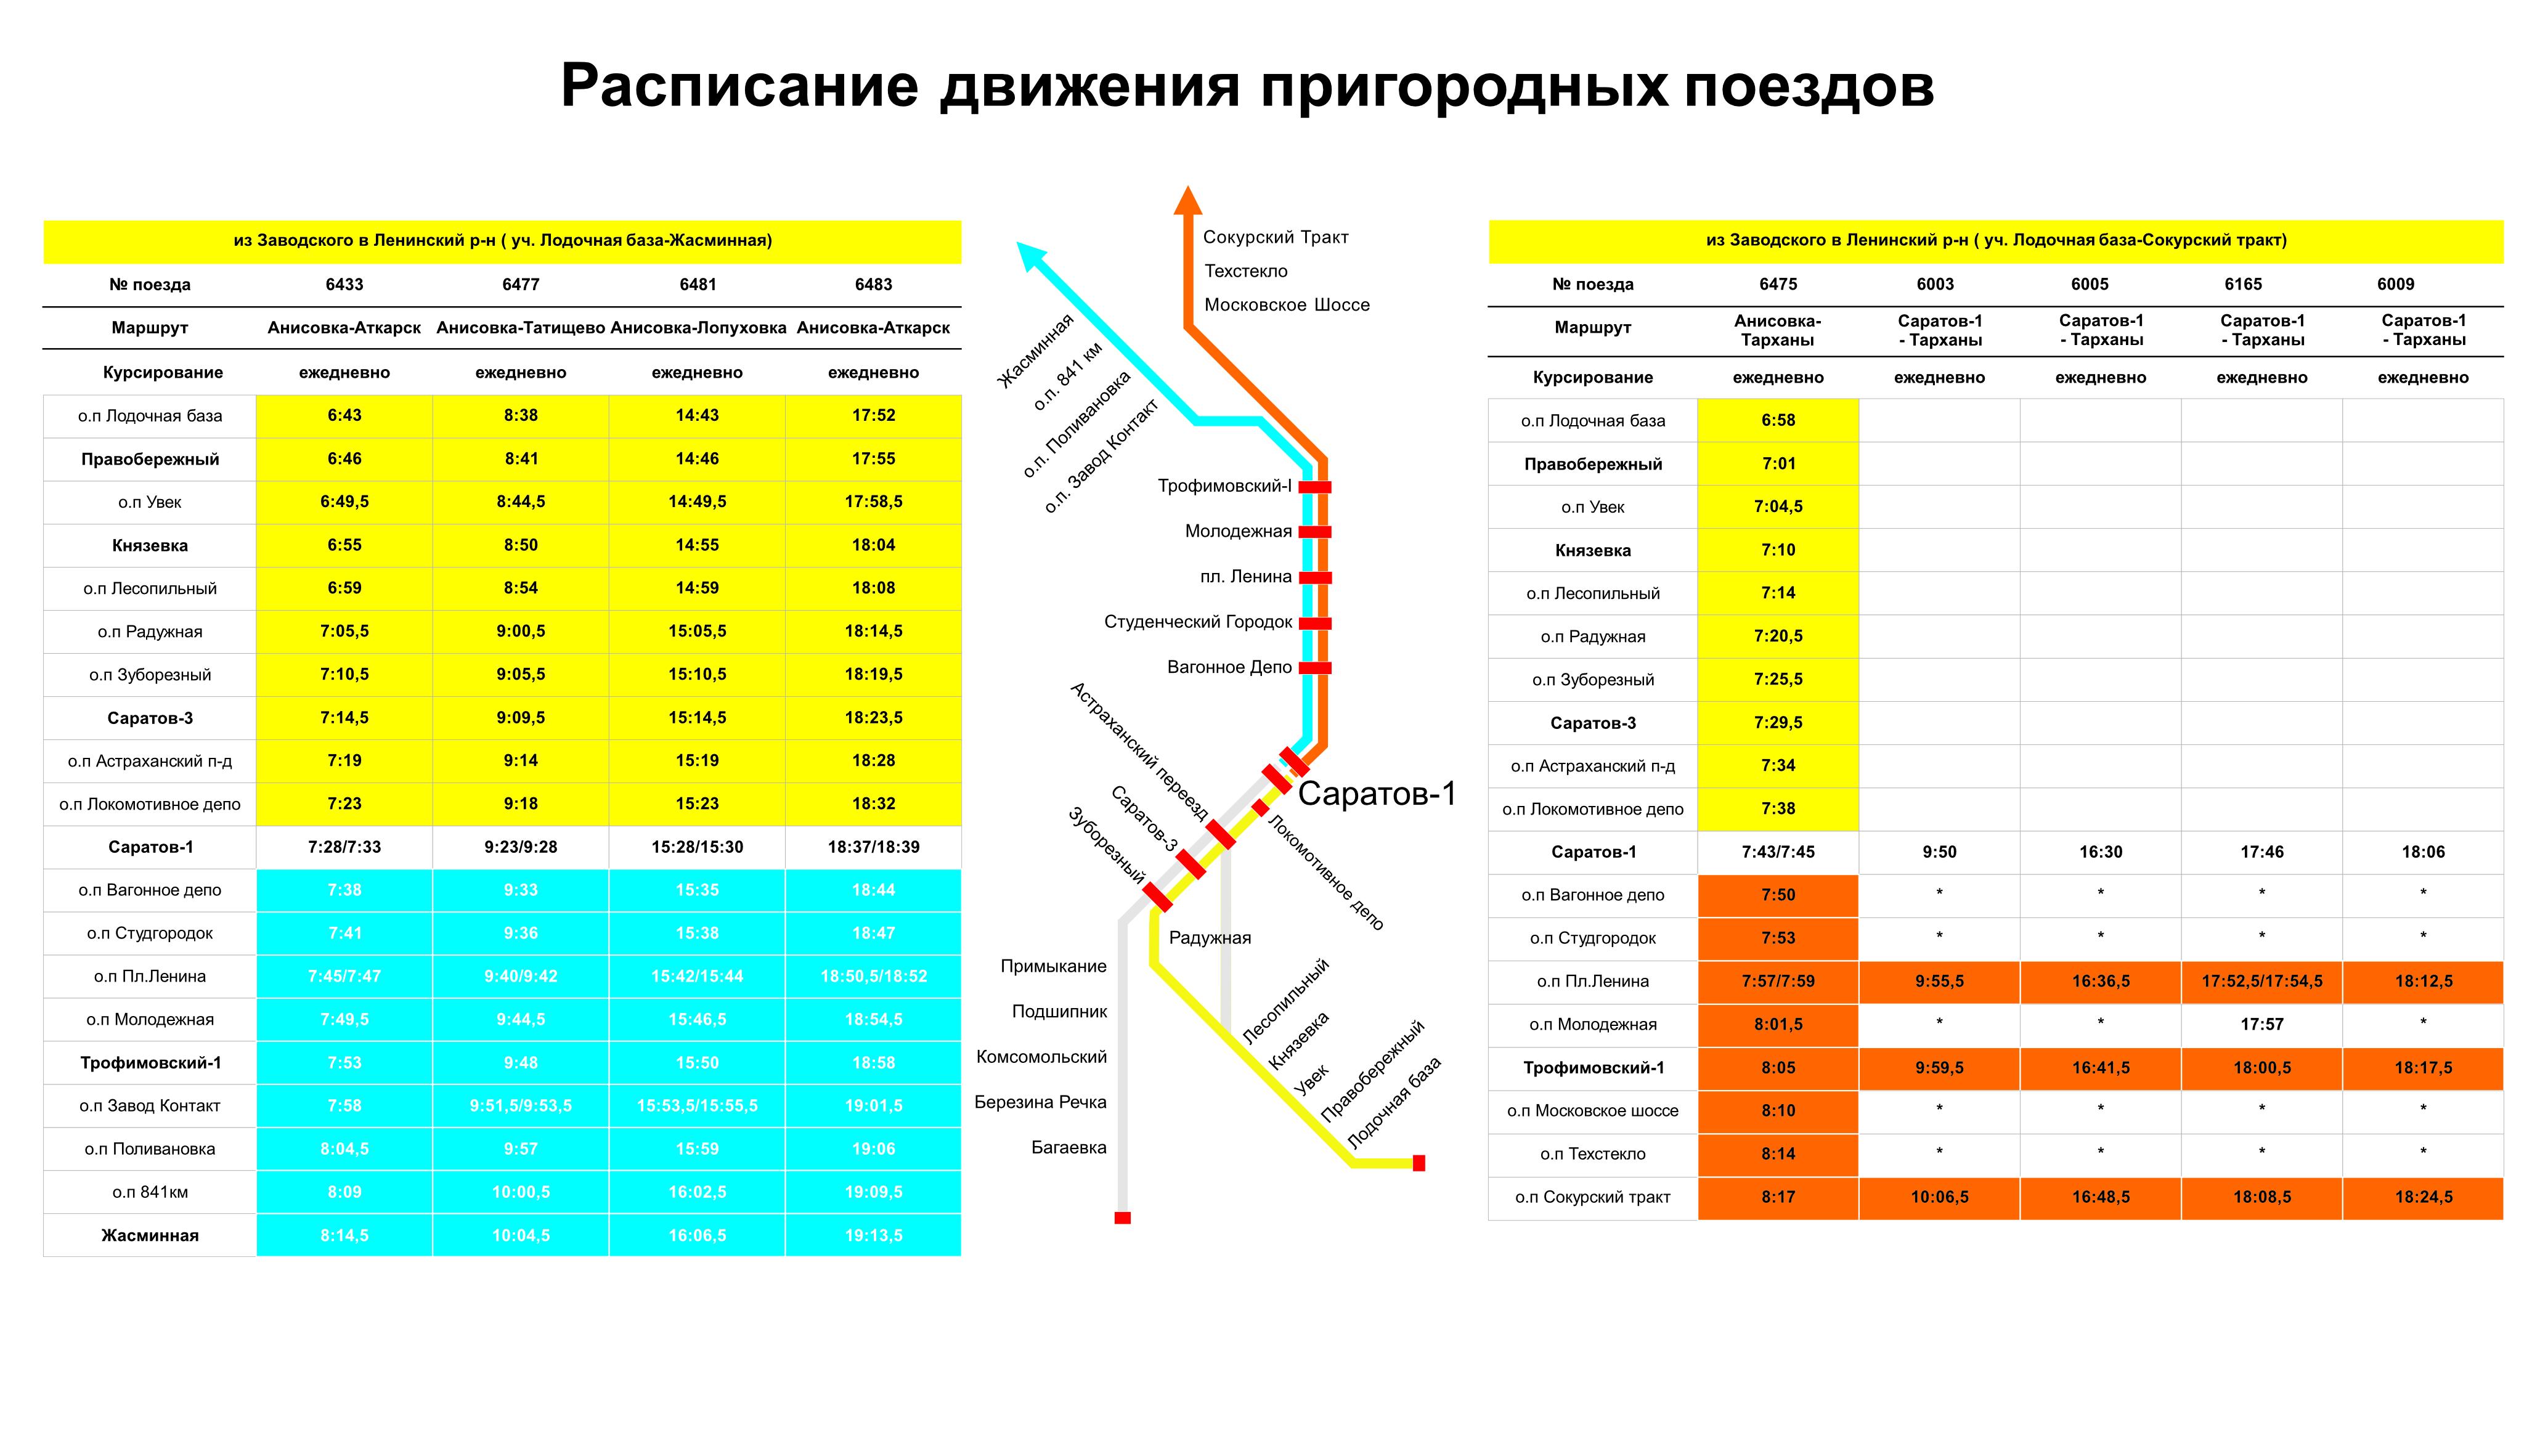 shemadvsaratov 3 1 - Схема движения пригородных поездов в черте г.Саратов